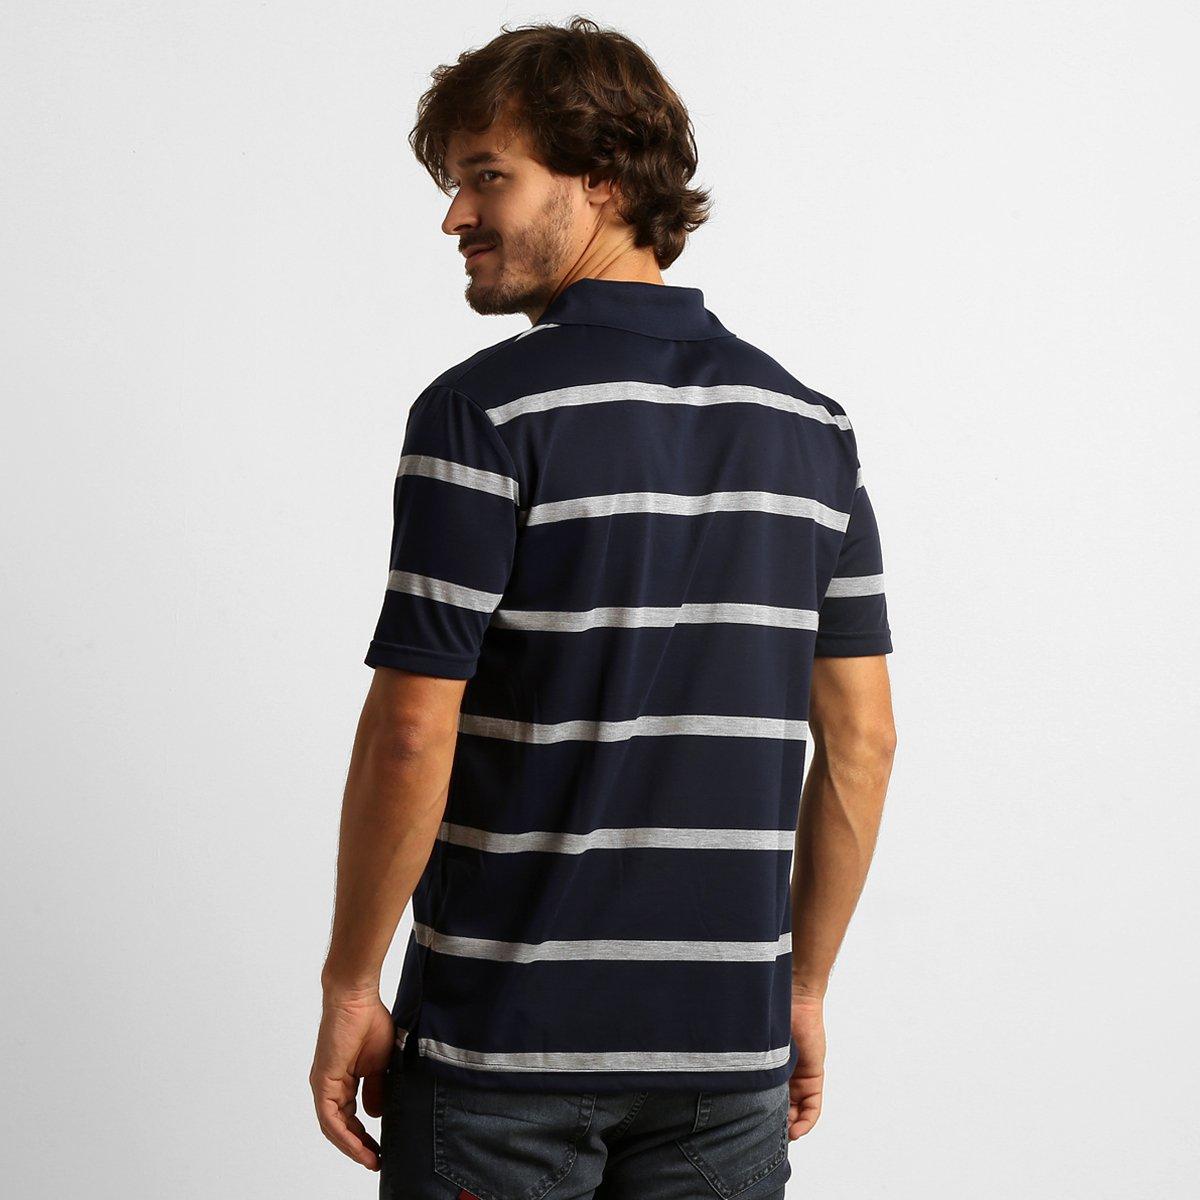 Camisa Polo Sea Surf Listras - Compre Agora  da81fca8d9a